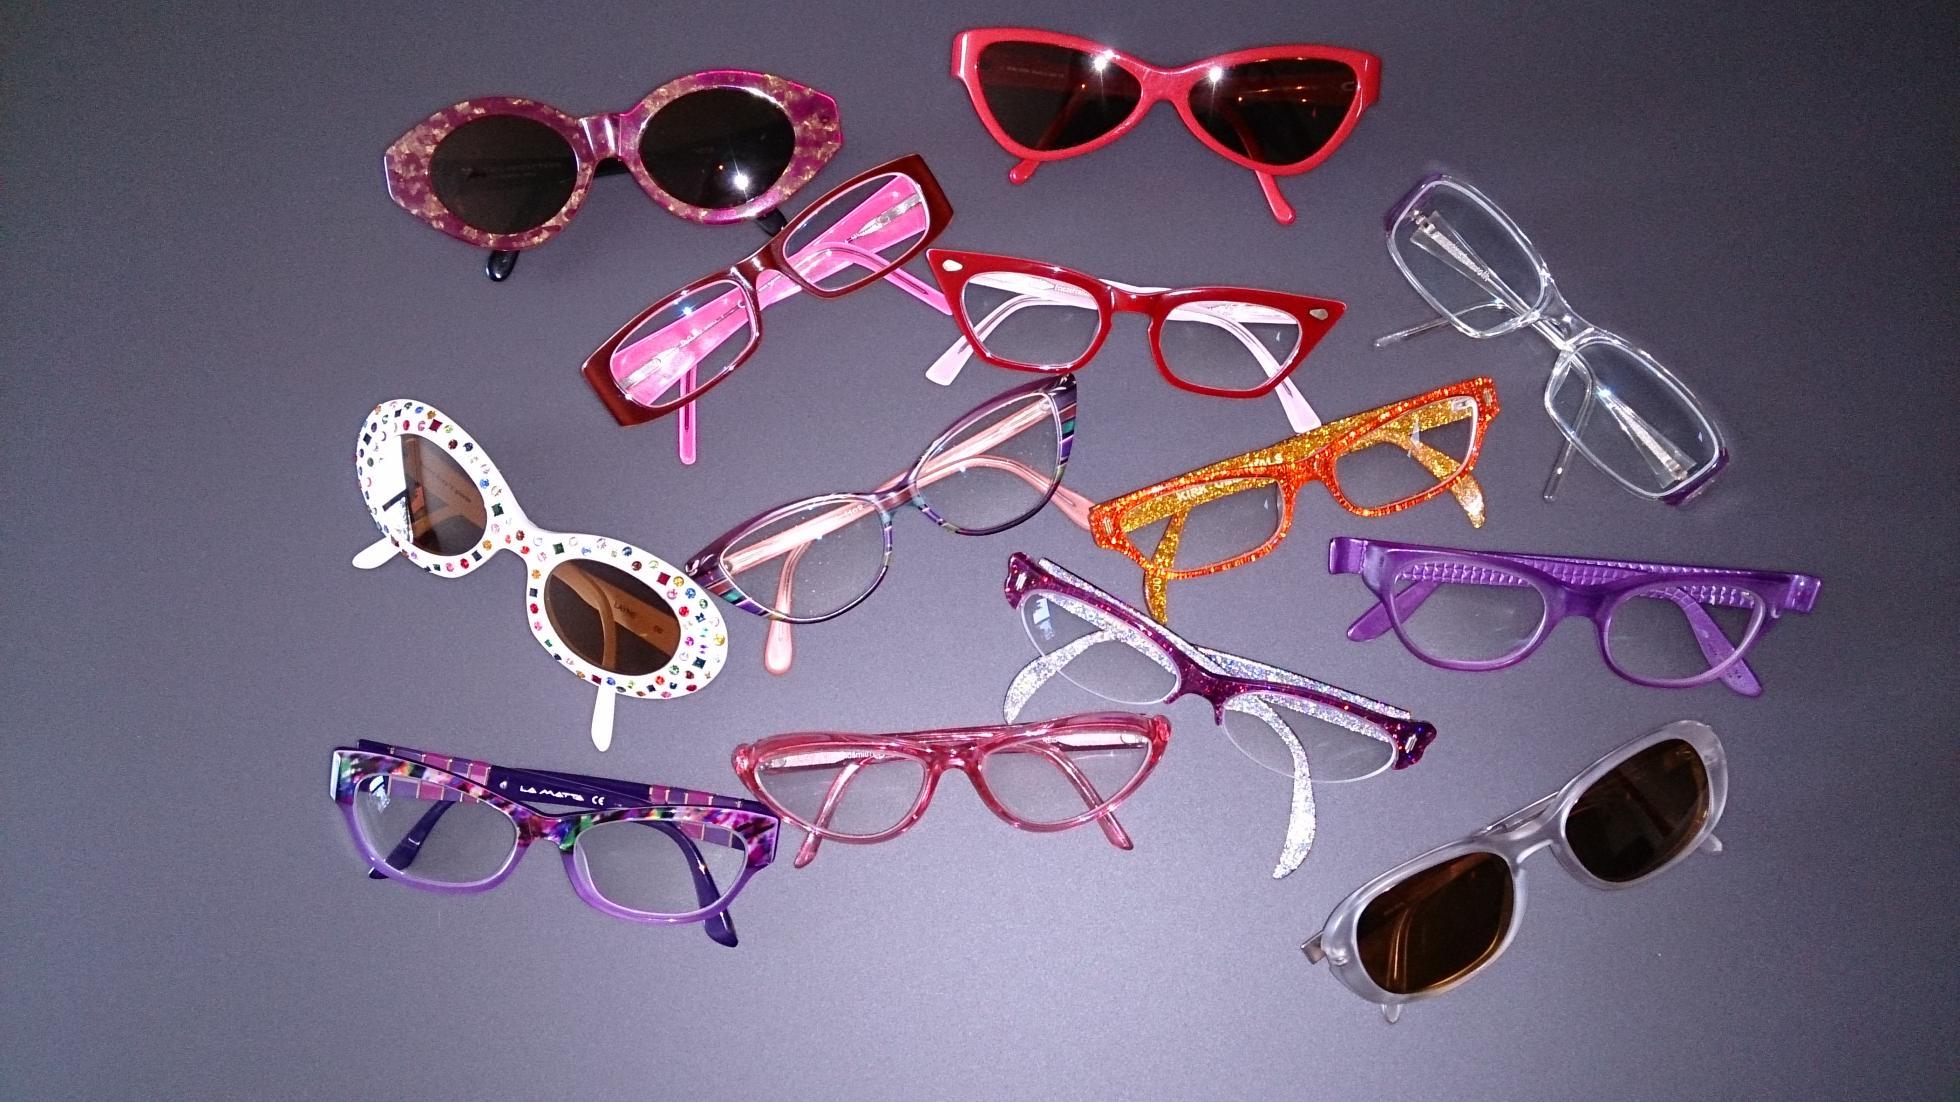 2015-08-11 Glasses